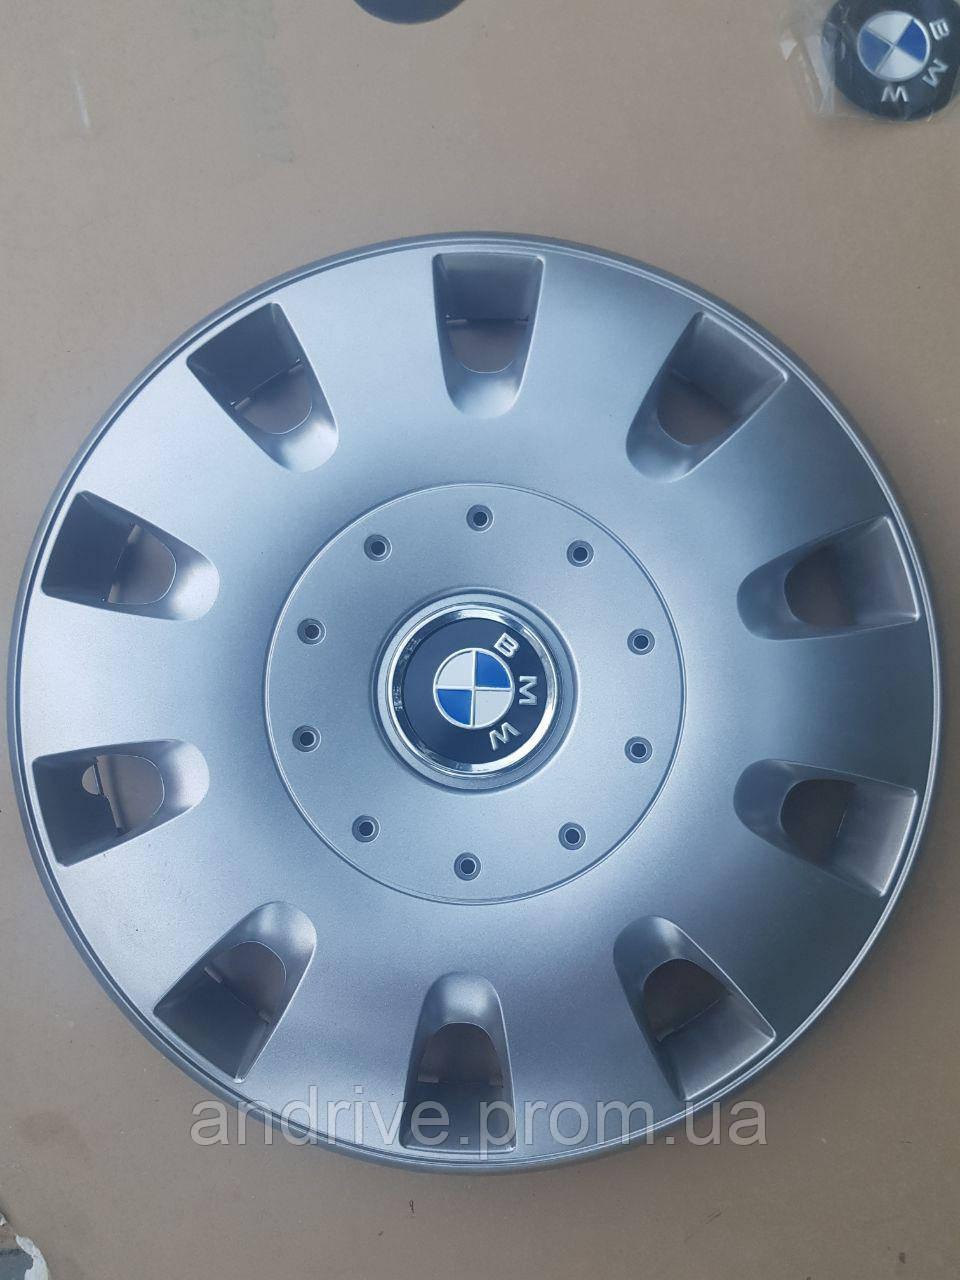 Колпаки на колеса R16 BMW полный комплект SJS (Турция)